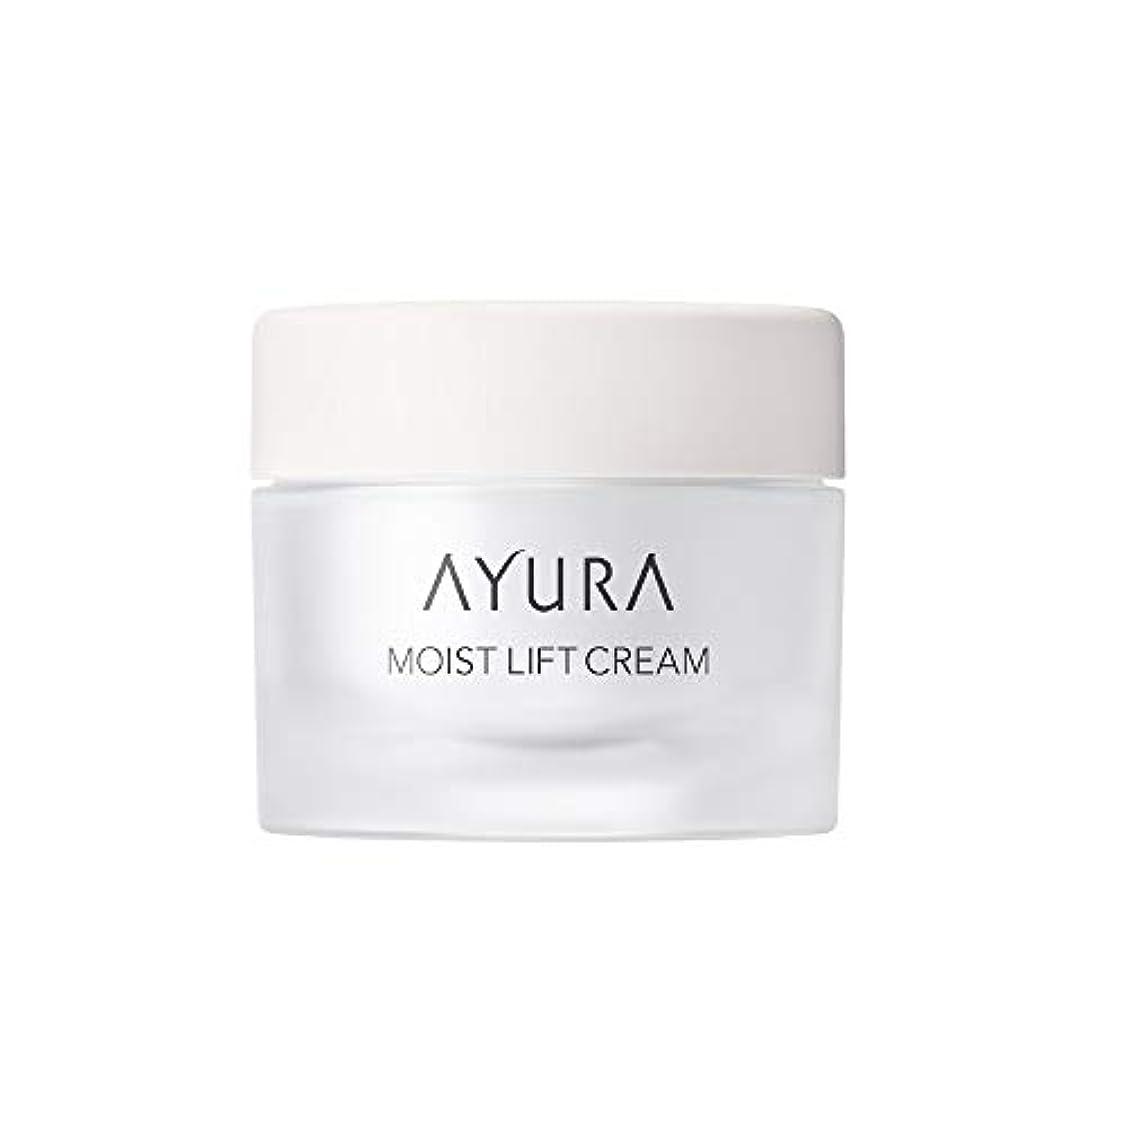 除去無能侵入するアユーラ (AYURA) モイストリフトクリーム<フェースクリーム> 30g